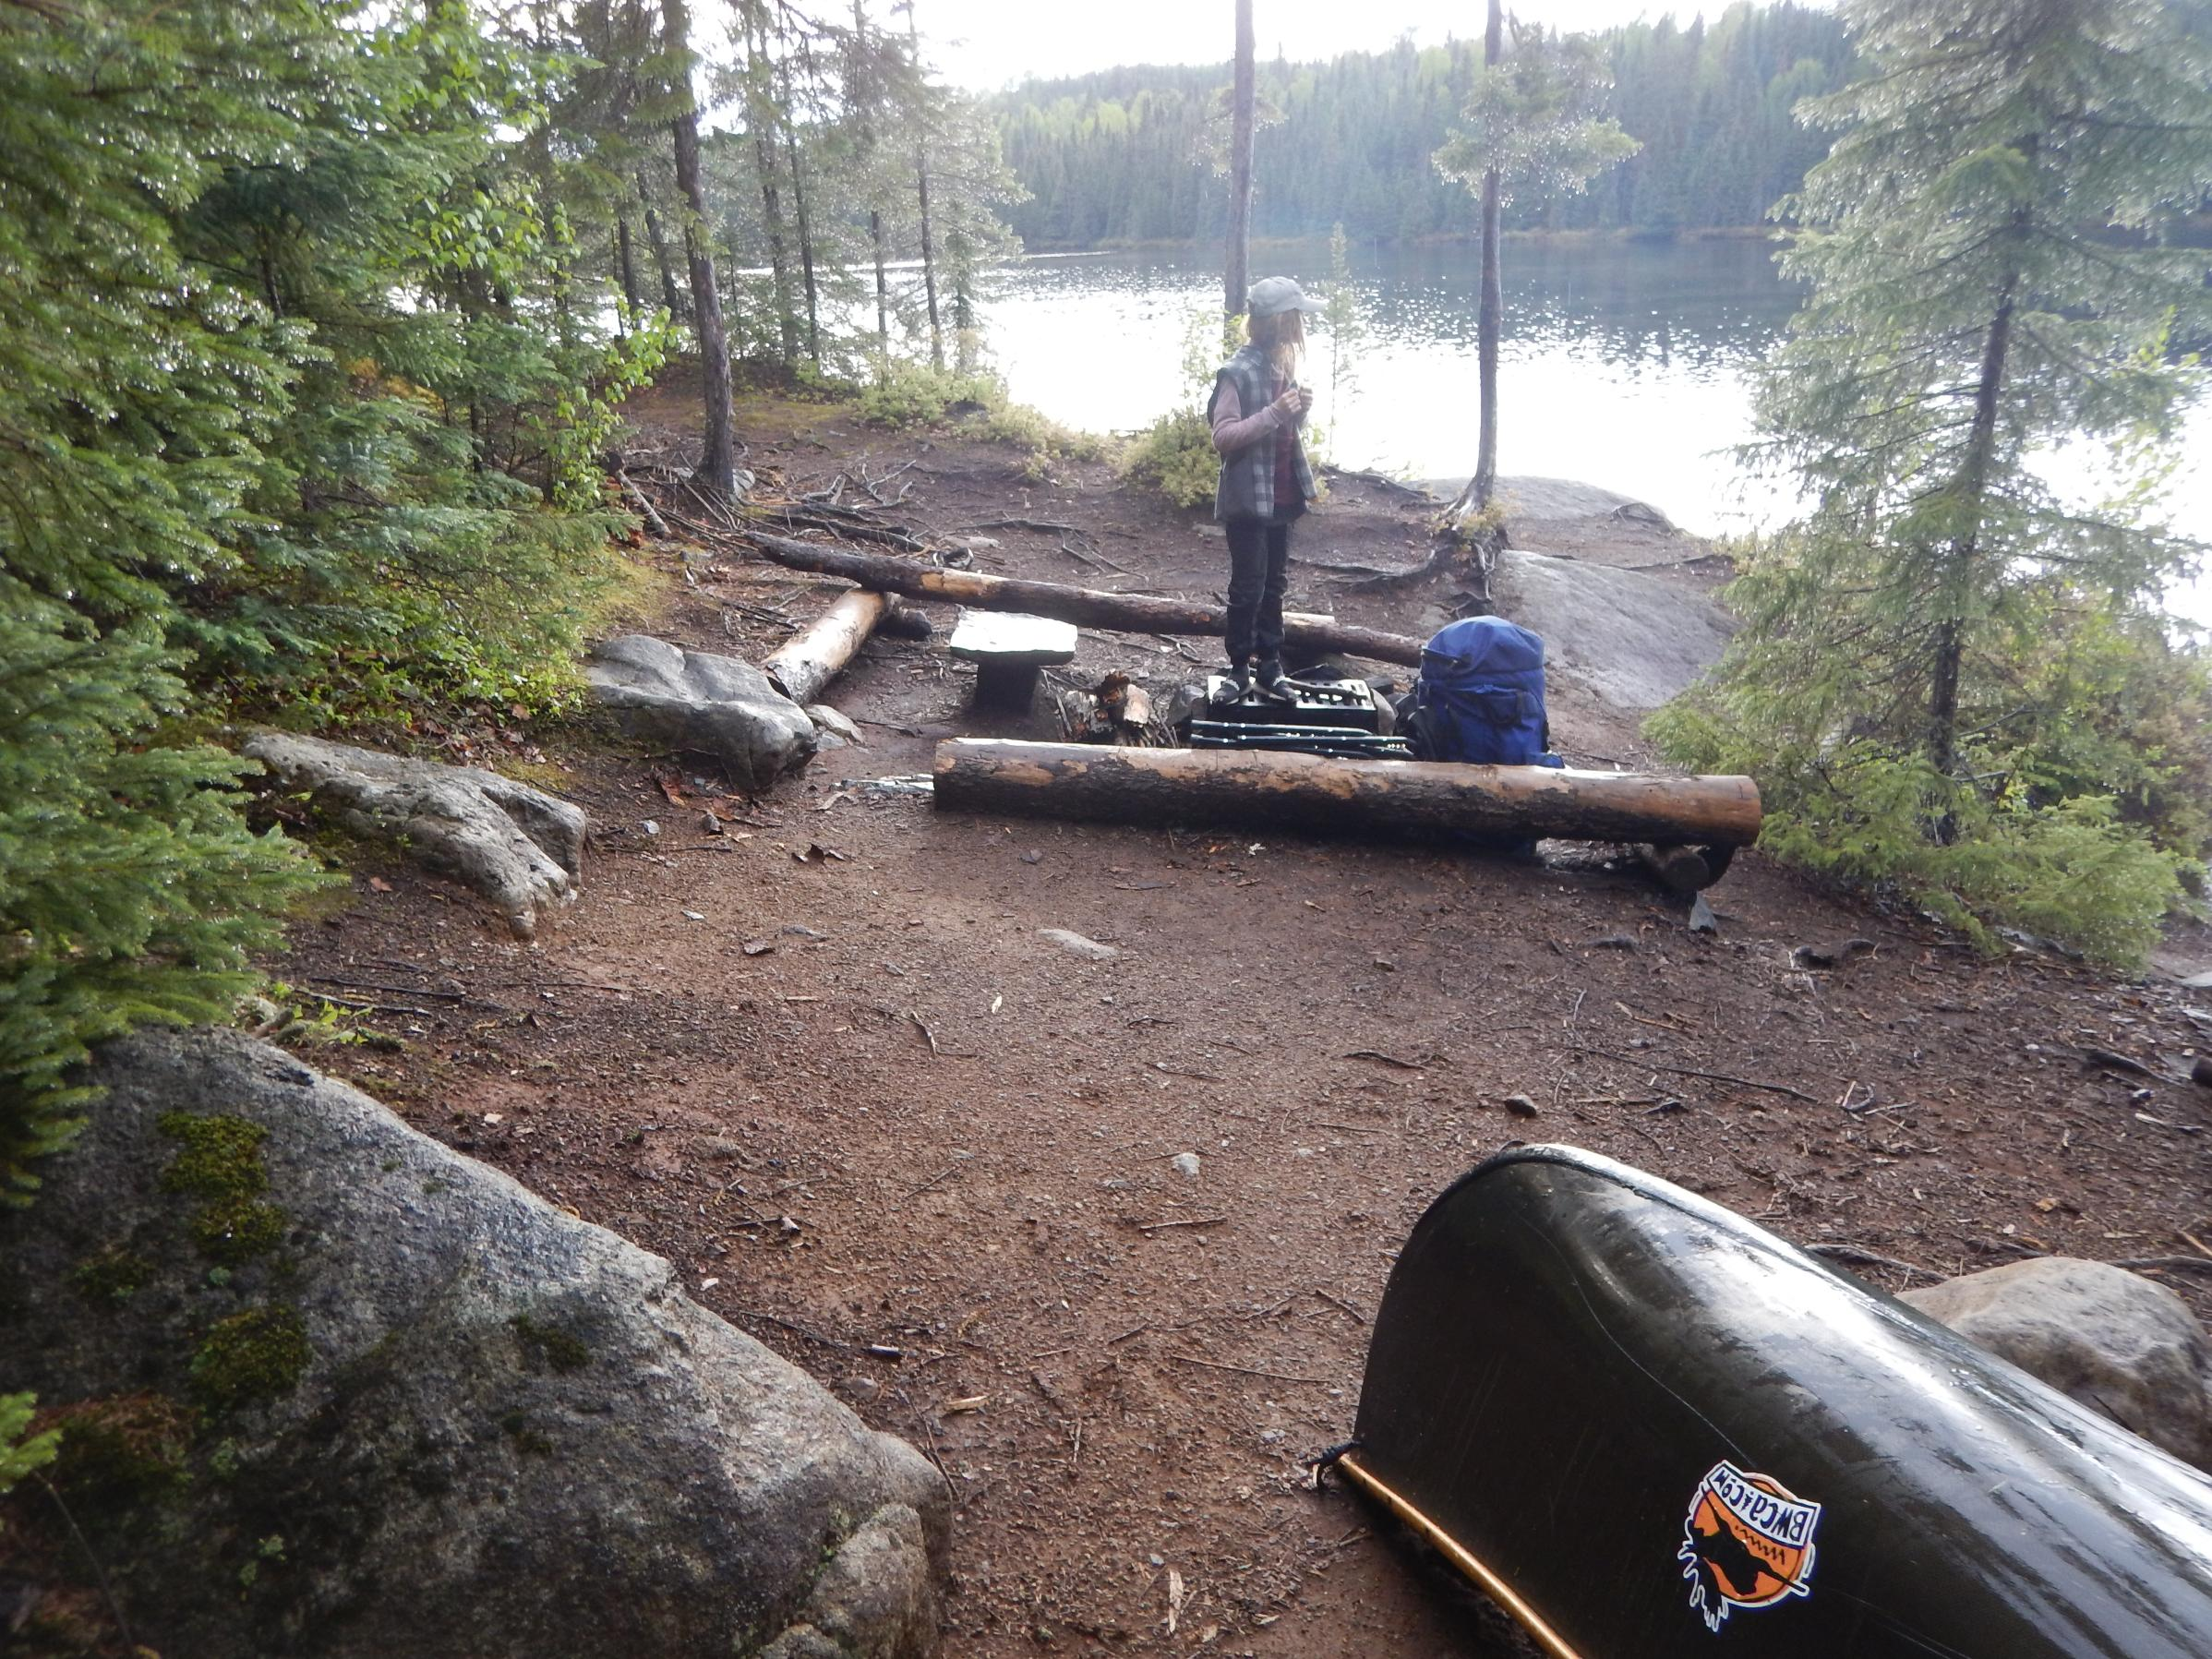 Snipe campsite #555